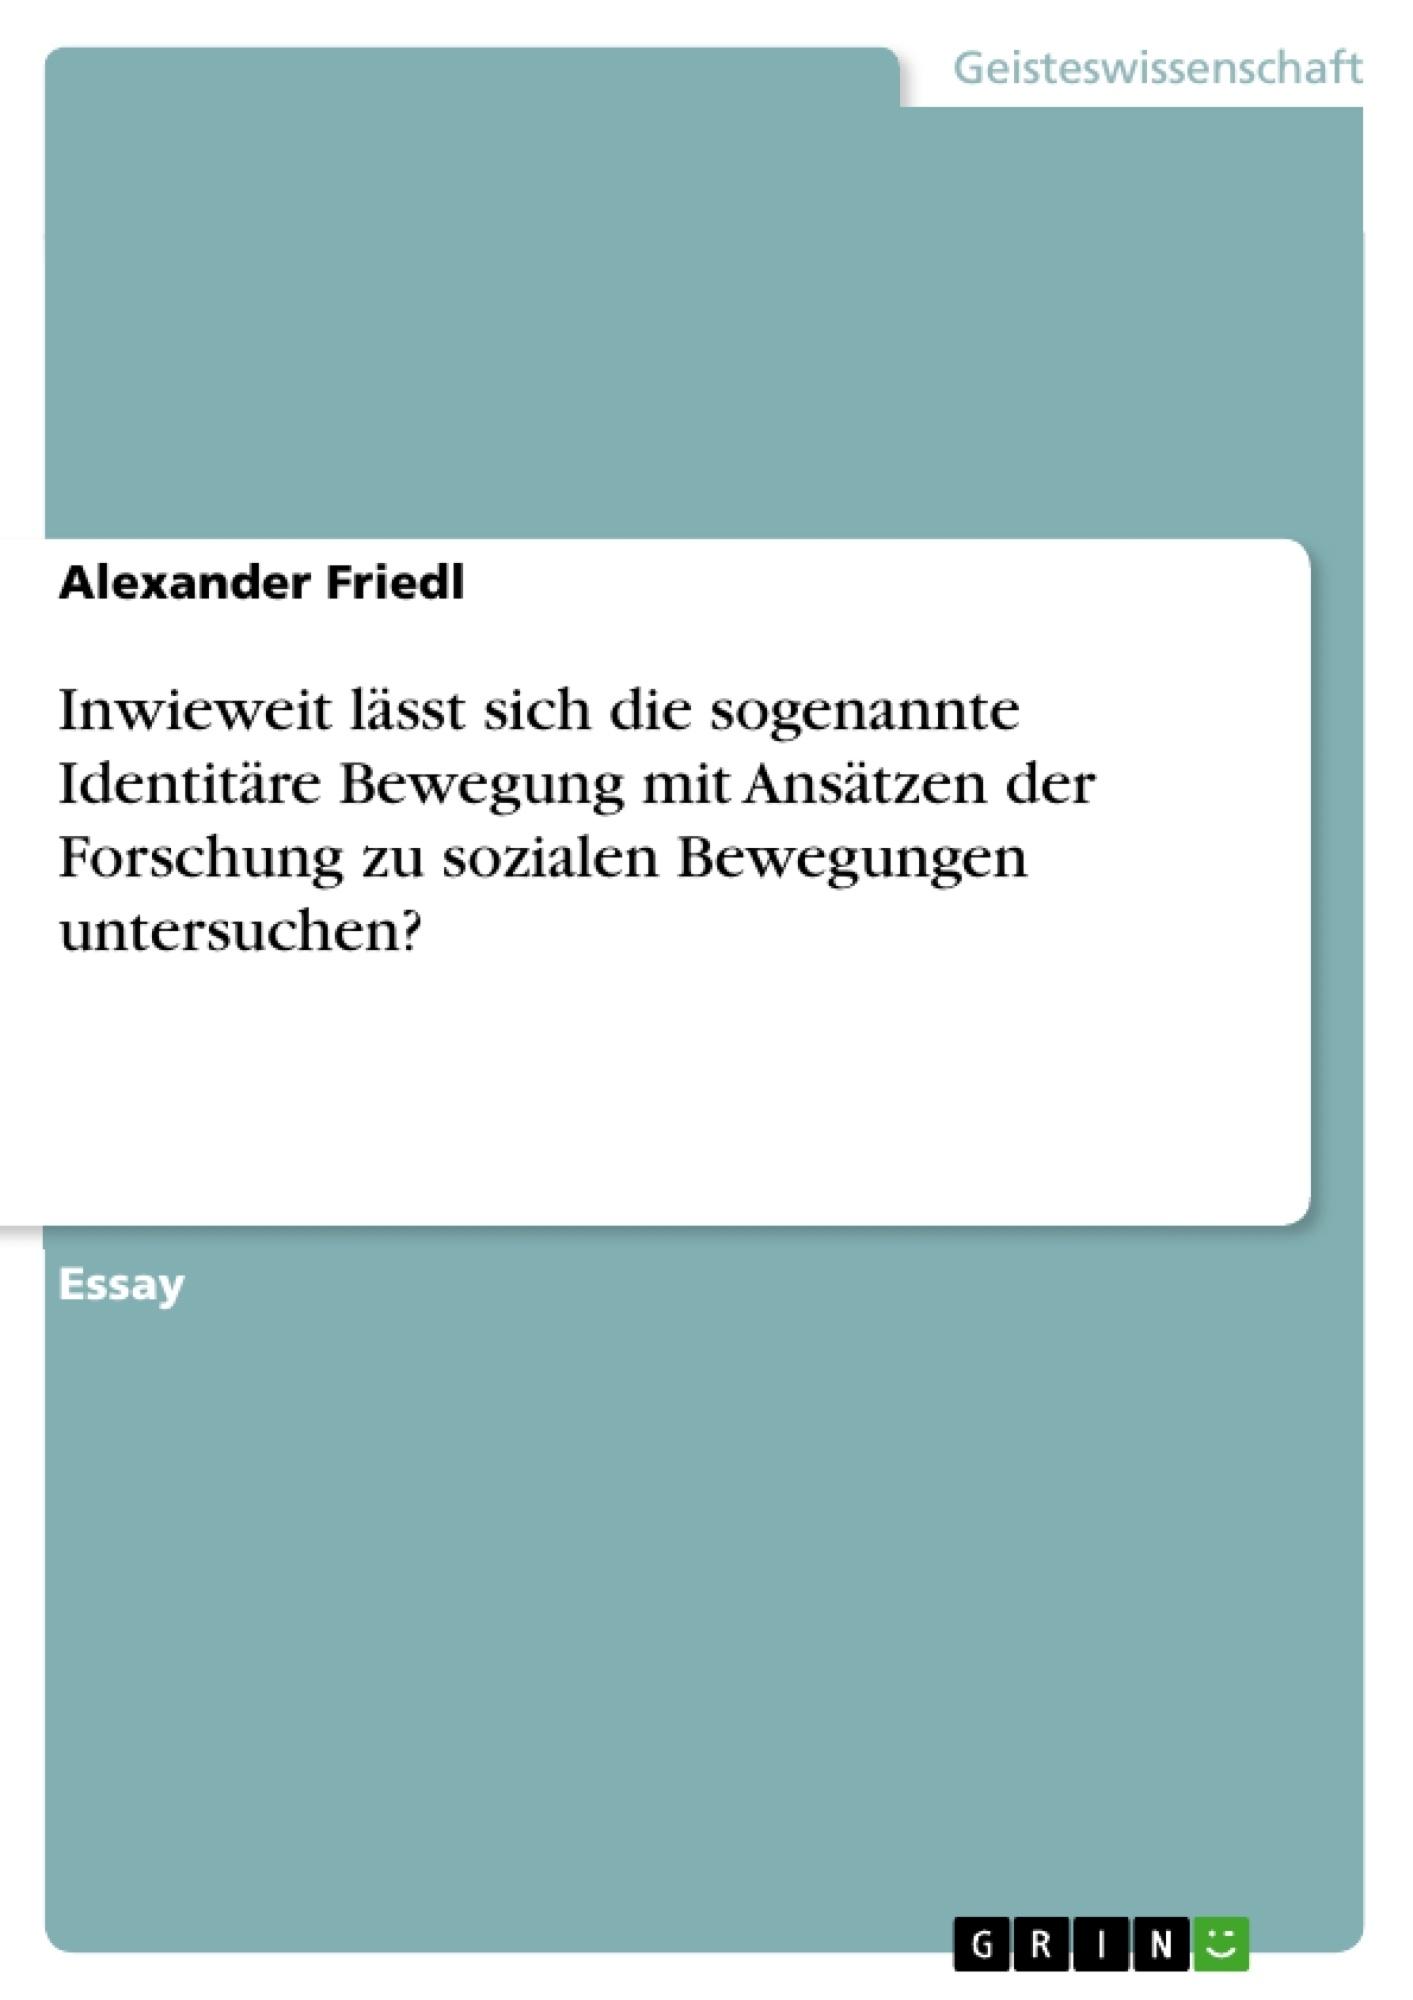 Titel: Inwieweit lässt sich die sogenannte Identitäre Bewegung mit Ansätzen der Forschung zu sozialen Bewegungen untersuchen?